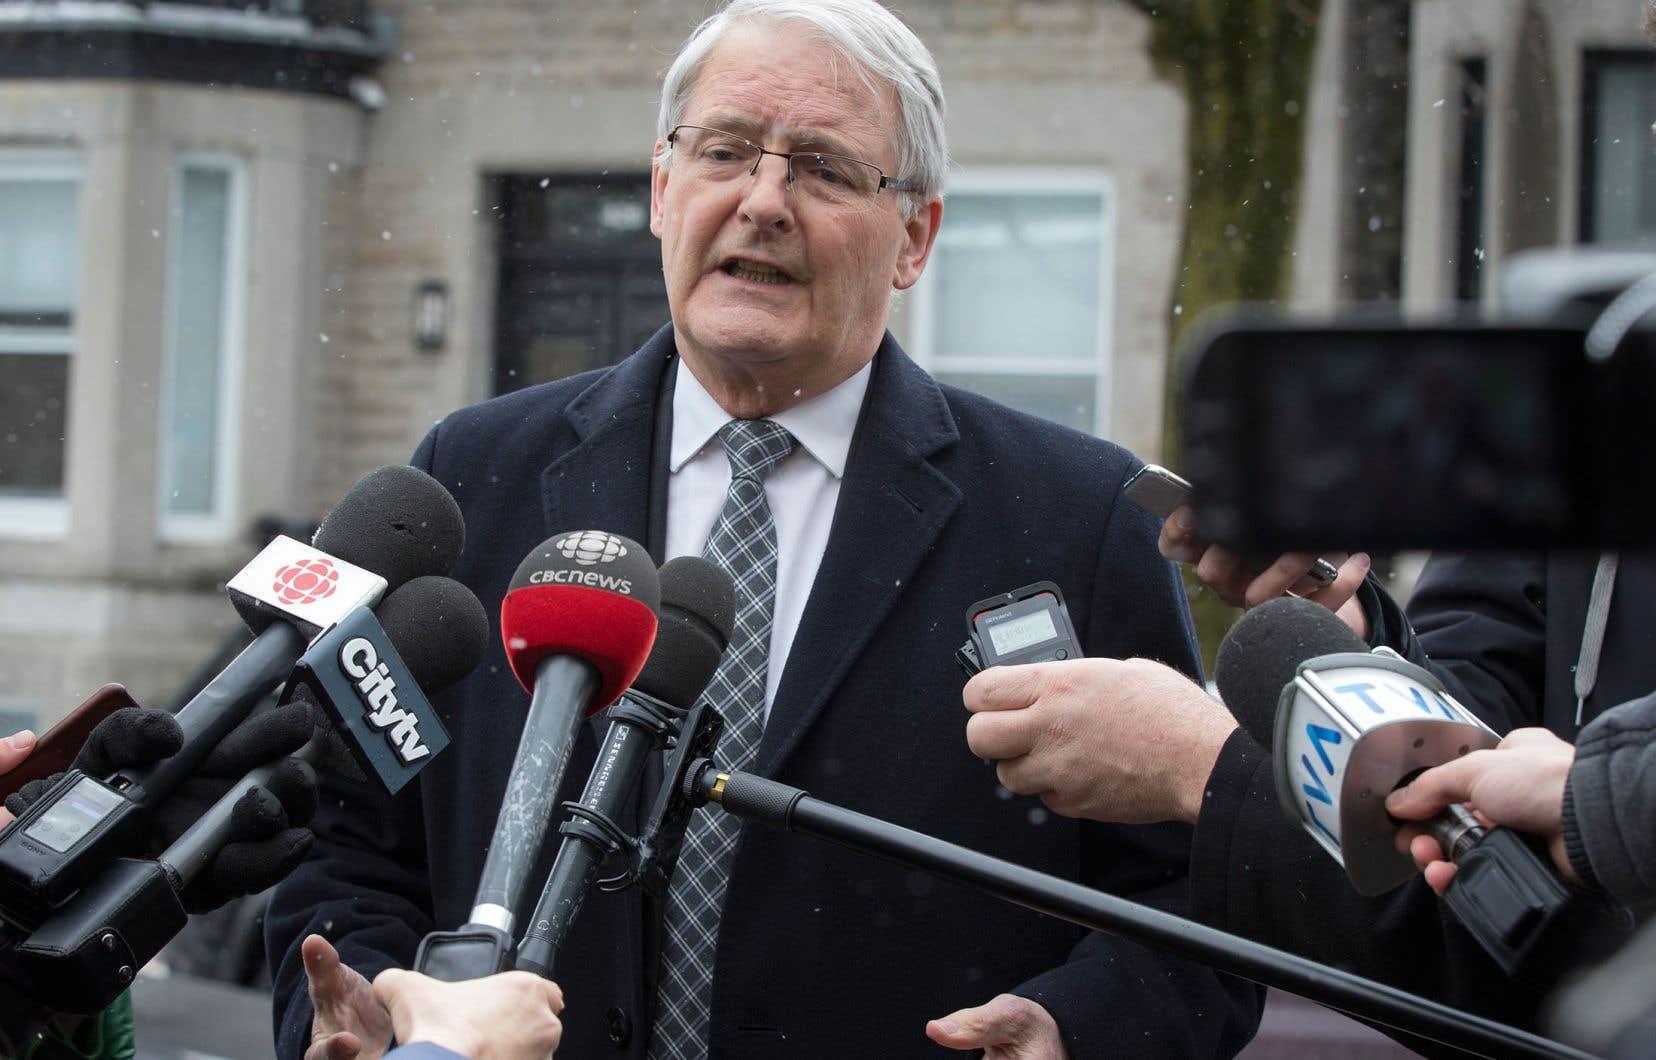 Le ministre canadien des Transports, Marc Garneau, juge qu'il serait prématuré de clouer au sol les appareils Boeing 737 MAX.